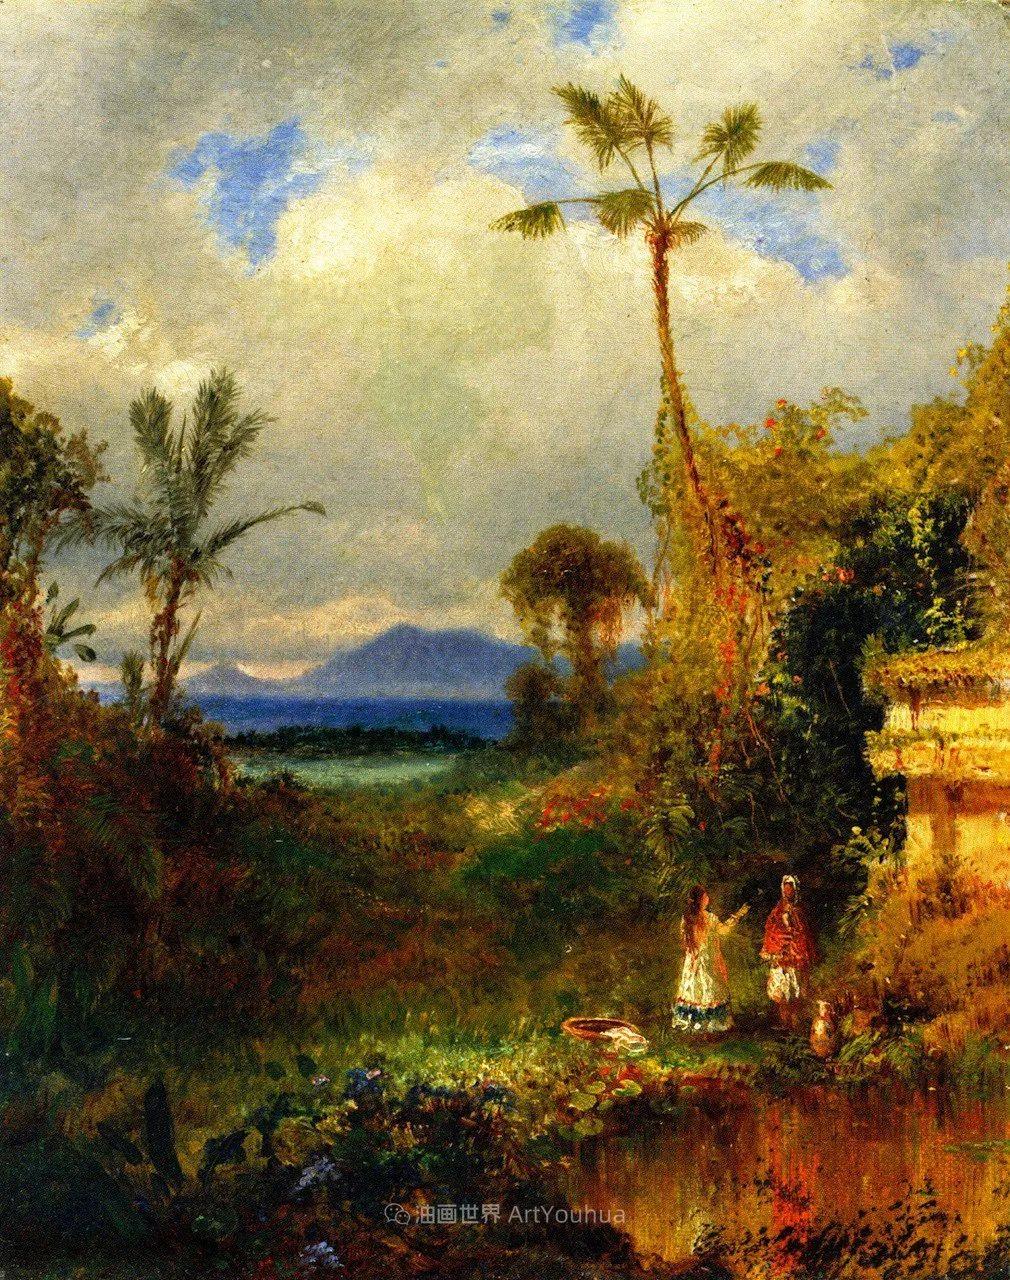 他的风景独具一格,大气、绚丽!美国画家路易斯·米格诺特插图73